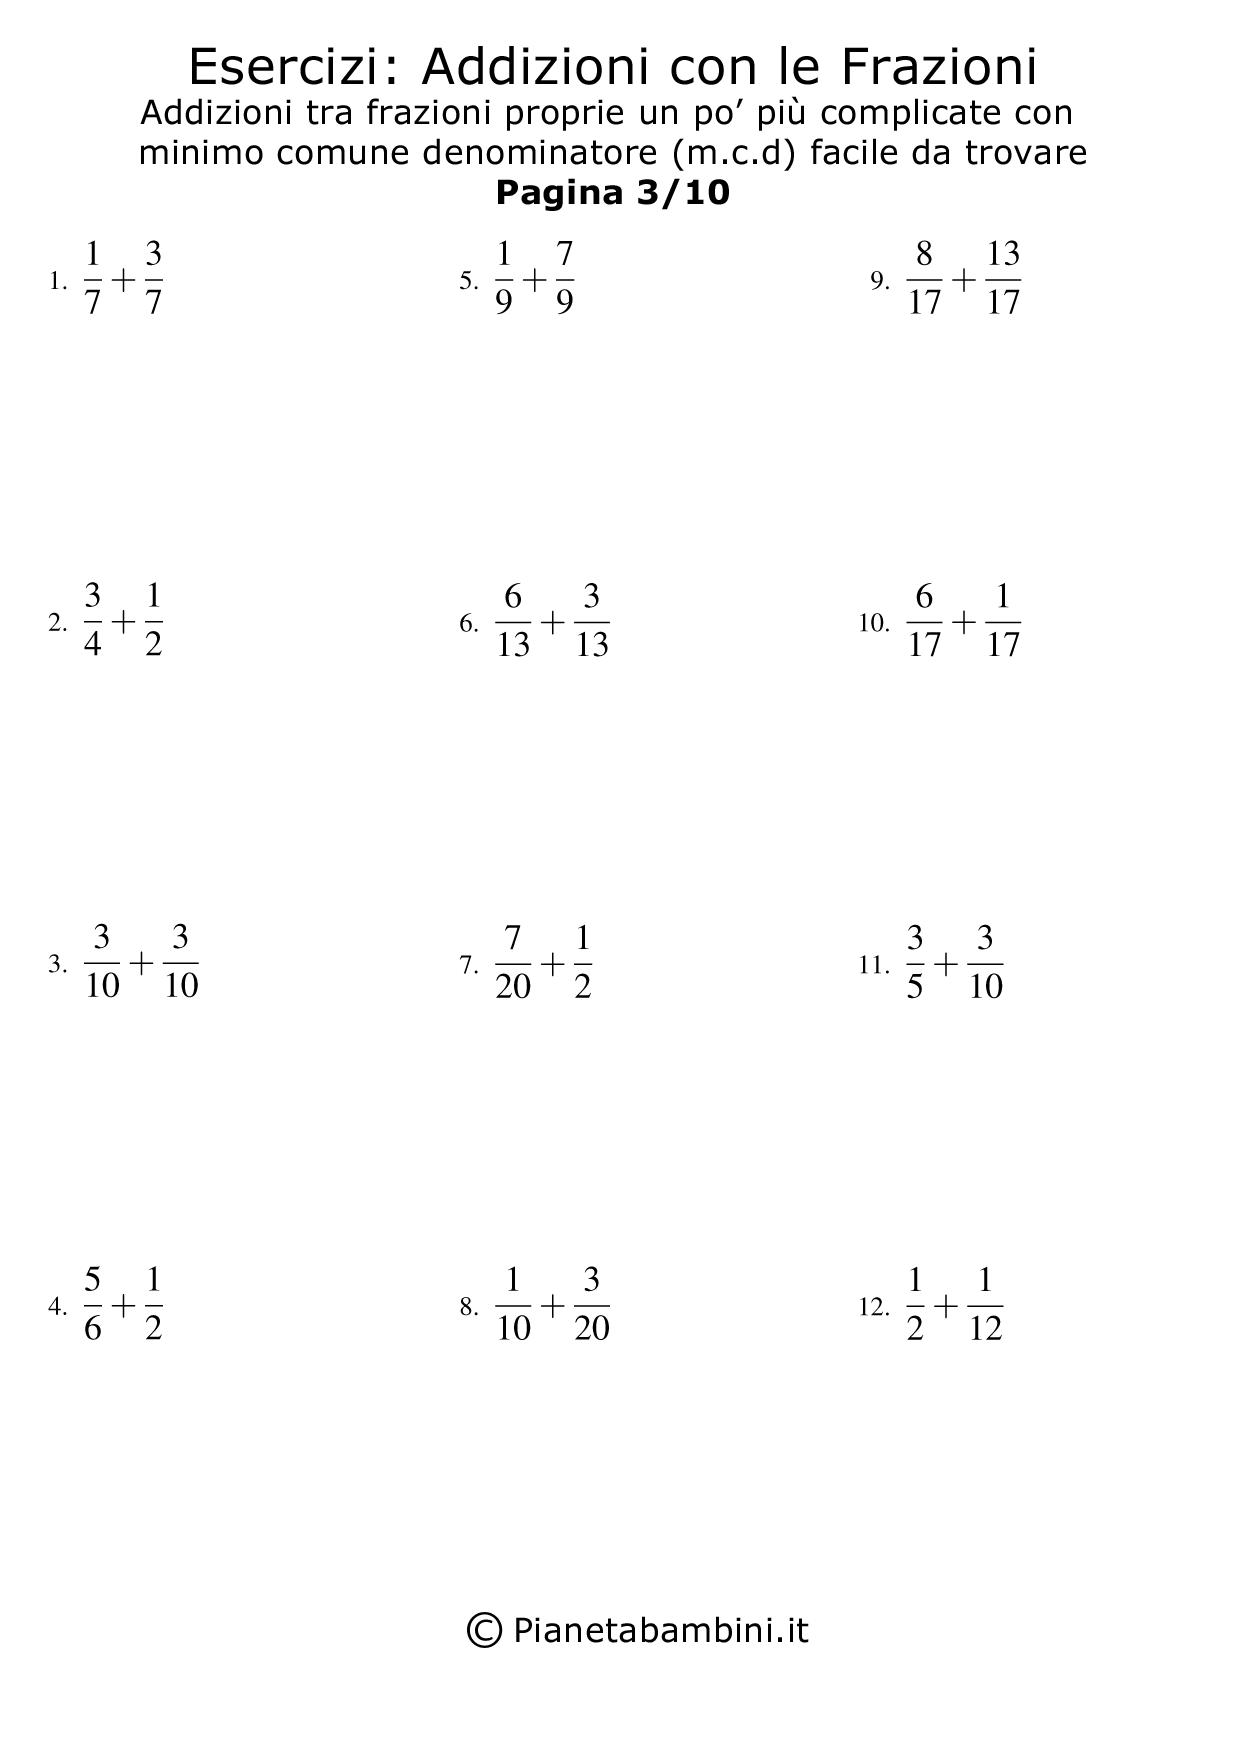 Frazioni-Complicate-m.c.d-Facile_03